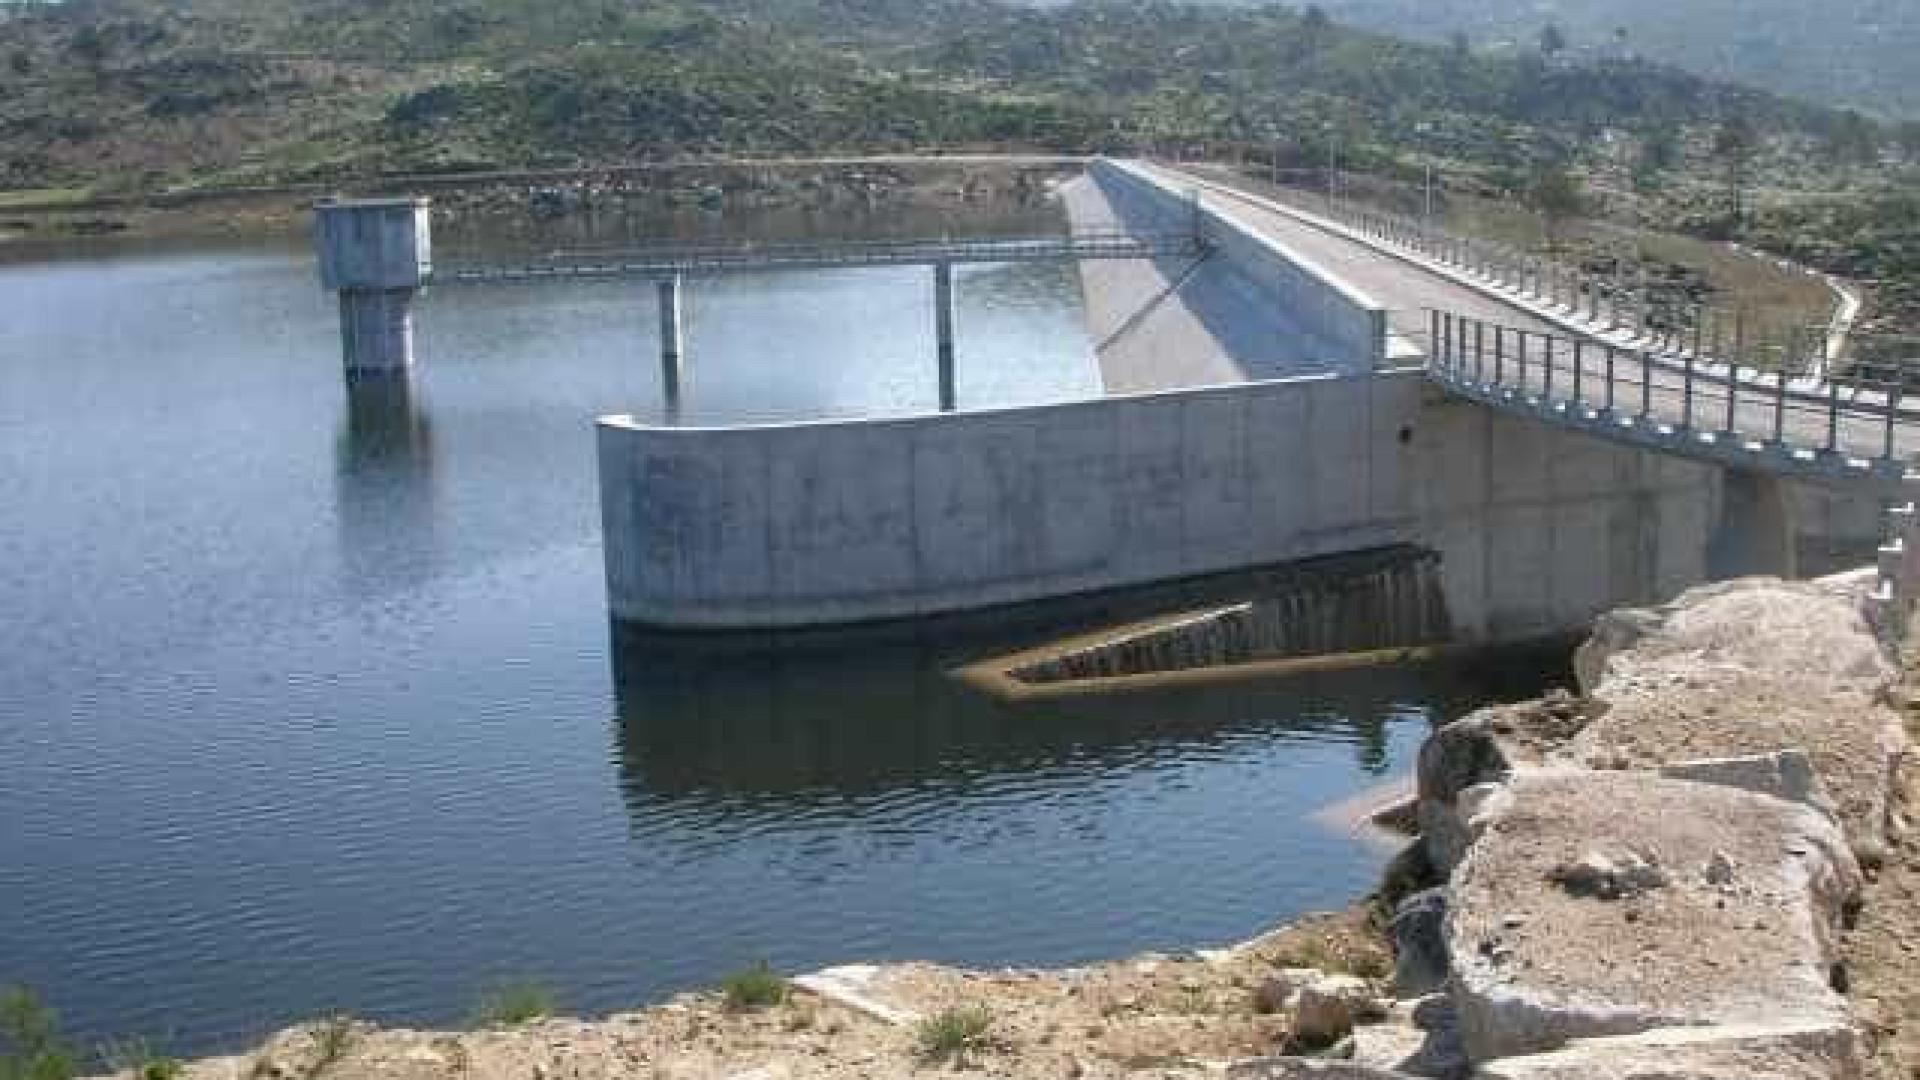 Cerca de 7,2 milhões já foram aplicados pelas barragens do Alto Tâmega